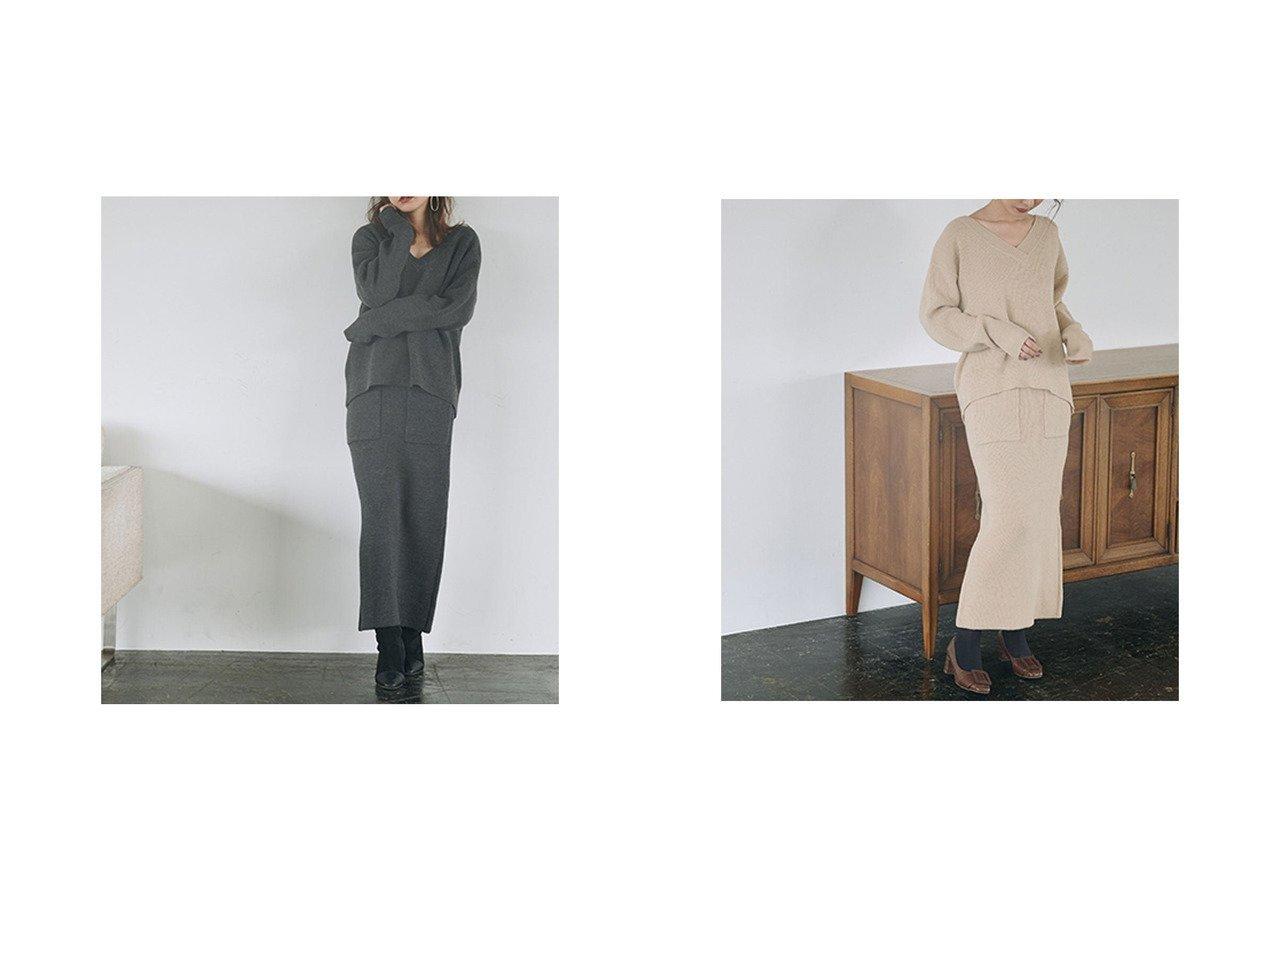 【Cherie Mona/シェリーモナ】のVネックニットSETUP ワンピース・ドレスのおすすめ!人気、トレンド・レディースファッションの通販  おすすめで人気の流行・トレンド、ファッションの通販商品 メンズファッション・キッズファッション・インテリア・家具・レディースファッション・服の通販 founy(ファニー) https://founy.com/ ファッション Fashion レディースファッション WOMEN トップス Tops Tshirt ニット Knit Tops Vネック V-Neck スリット セットアップ フロント ポケット |ID:crp329100000010242